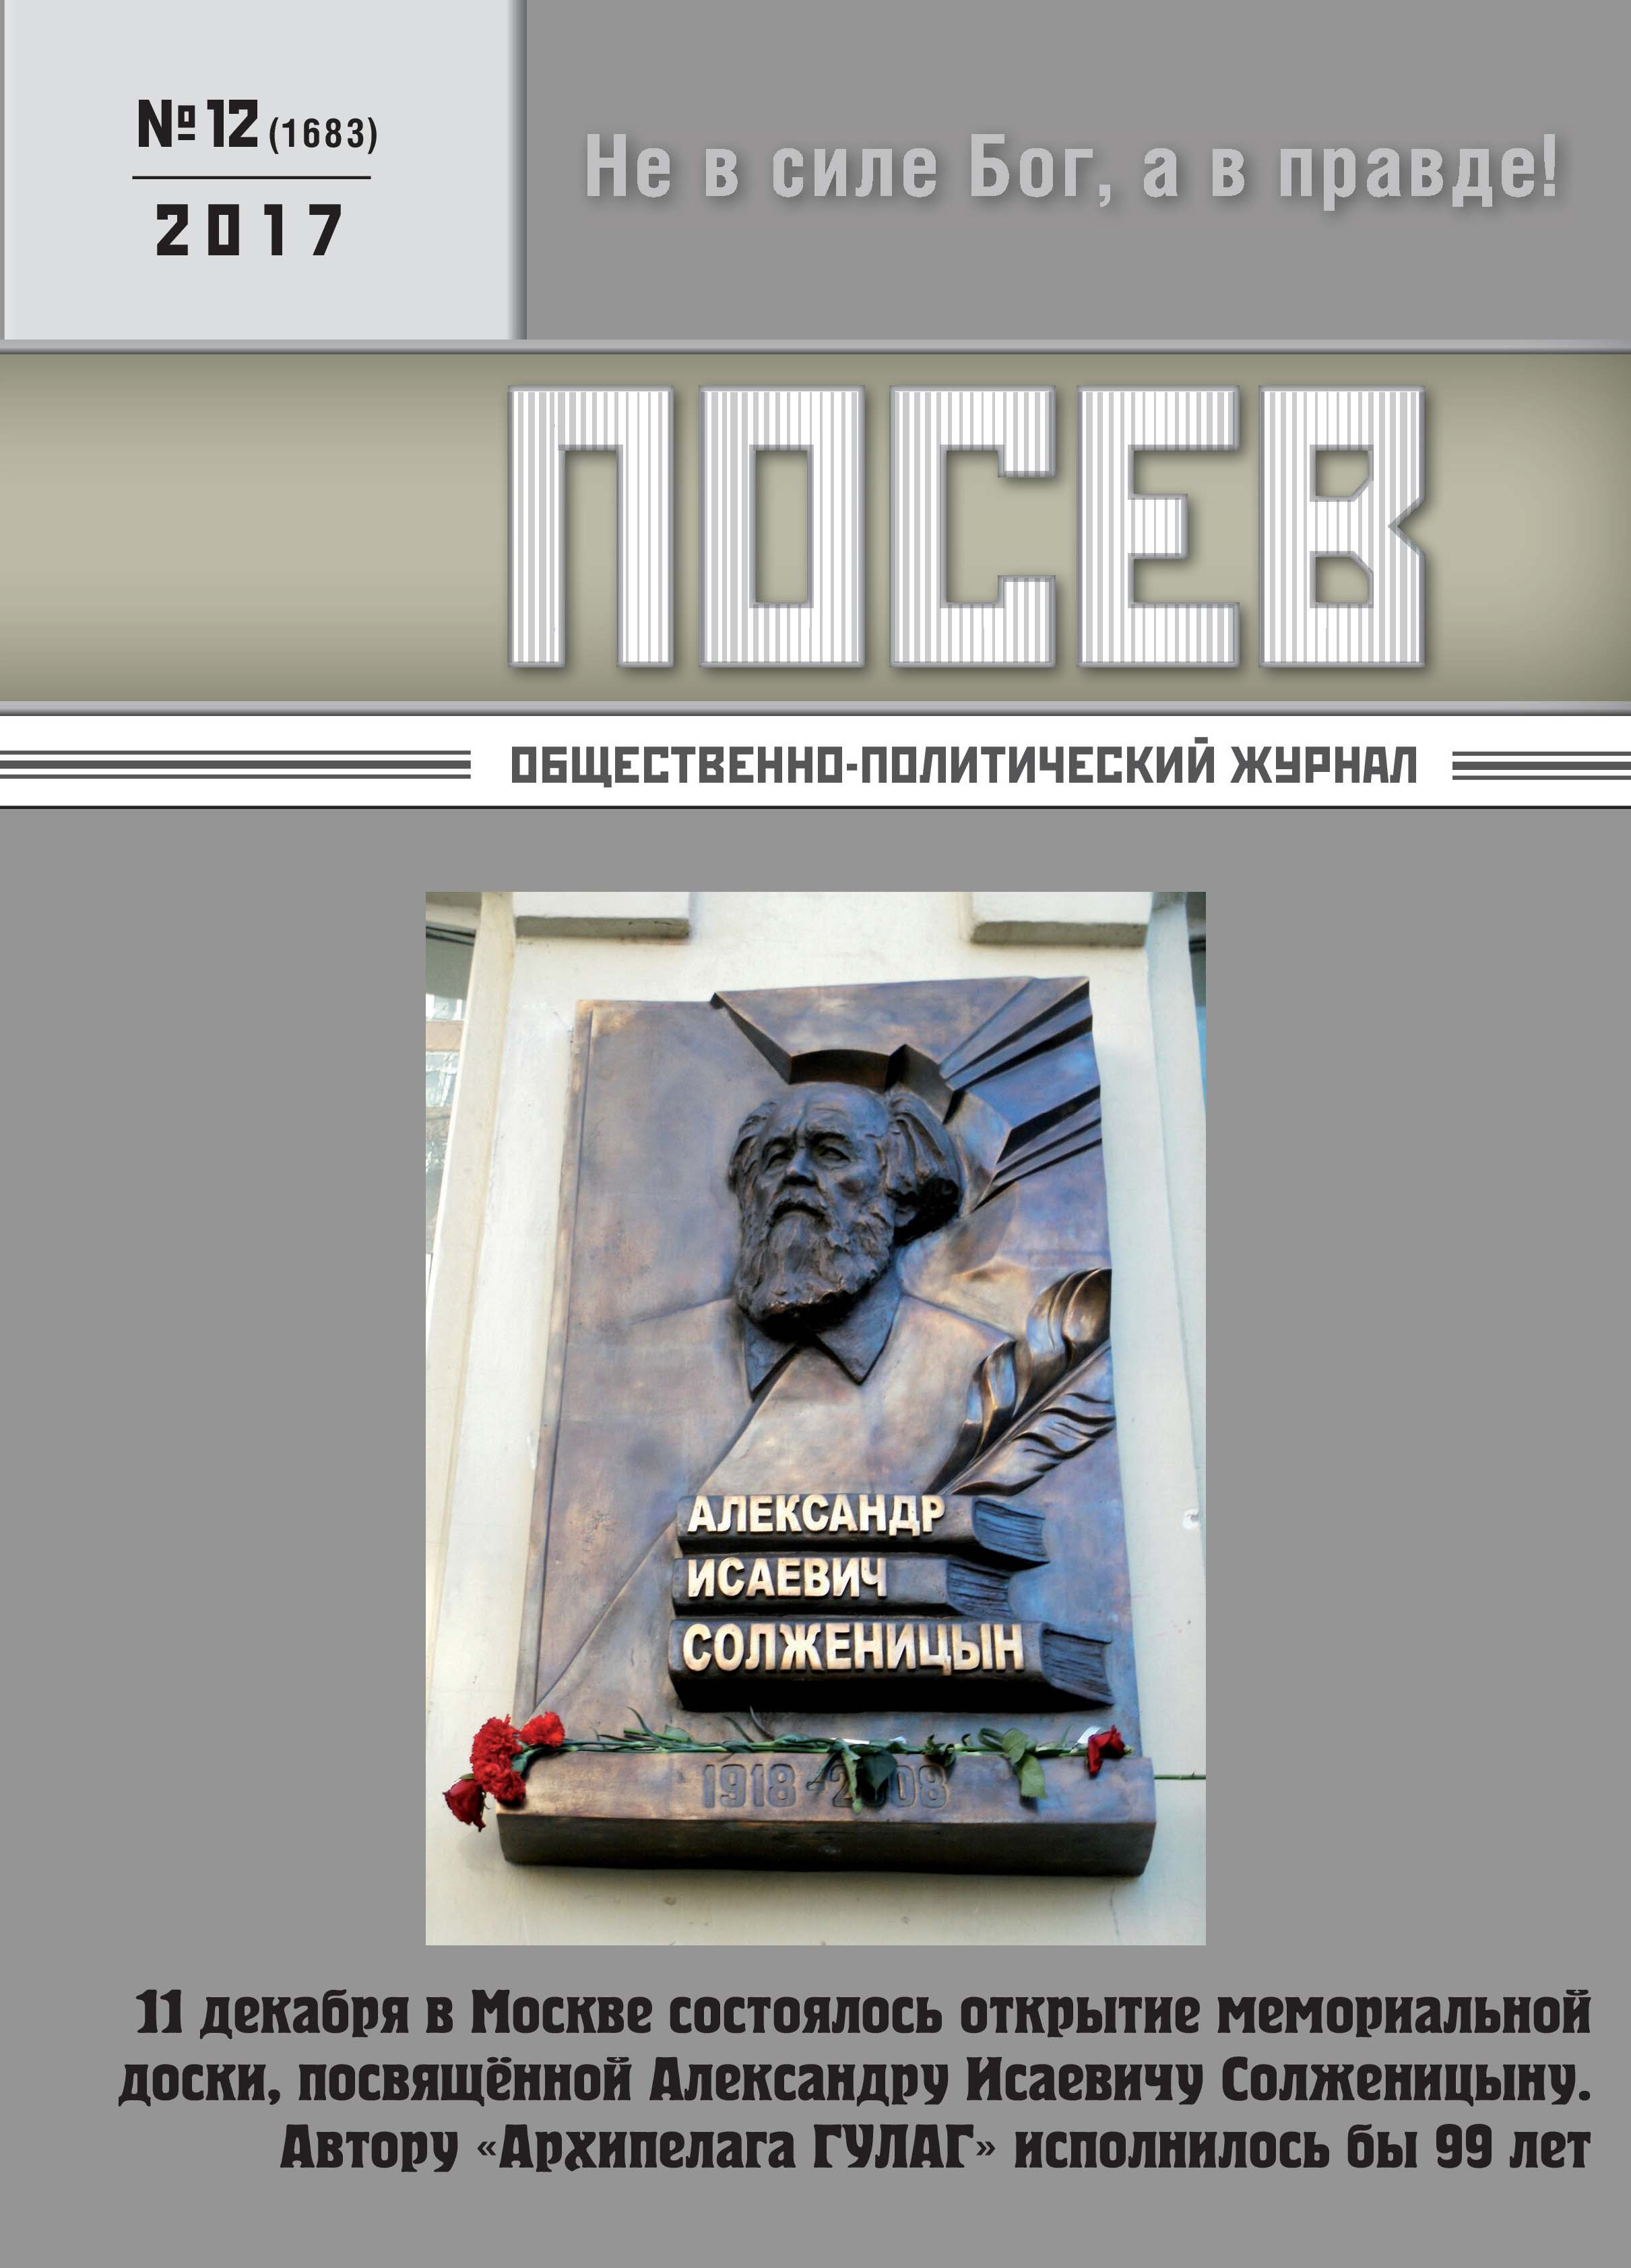 Отсутствует Посев. Общественно-политический журнал. №12/2017 отсутствует журнал revolution 53 декабрь 2017